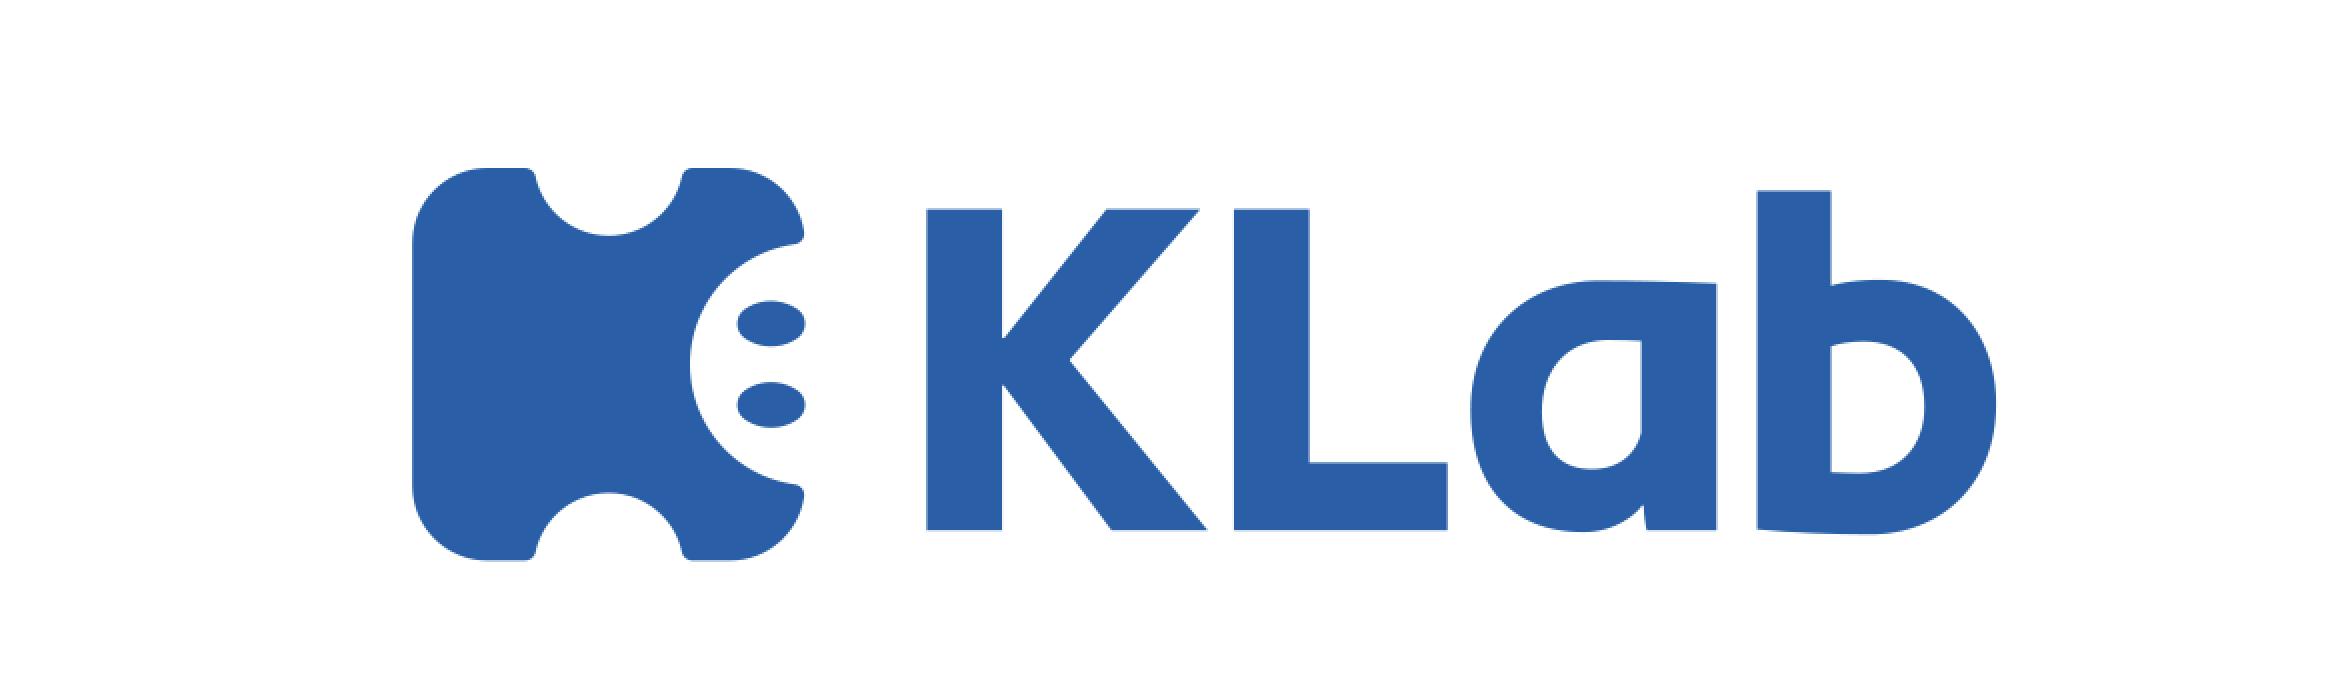 【KLabへの就職】新卒採用情報をもとに待遇や募集職種をご紹介します